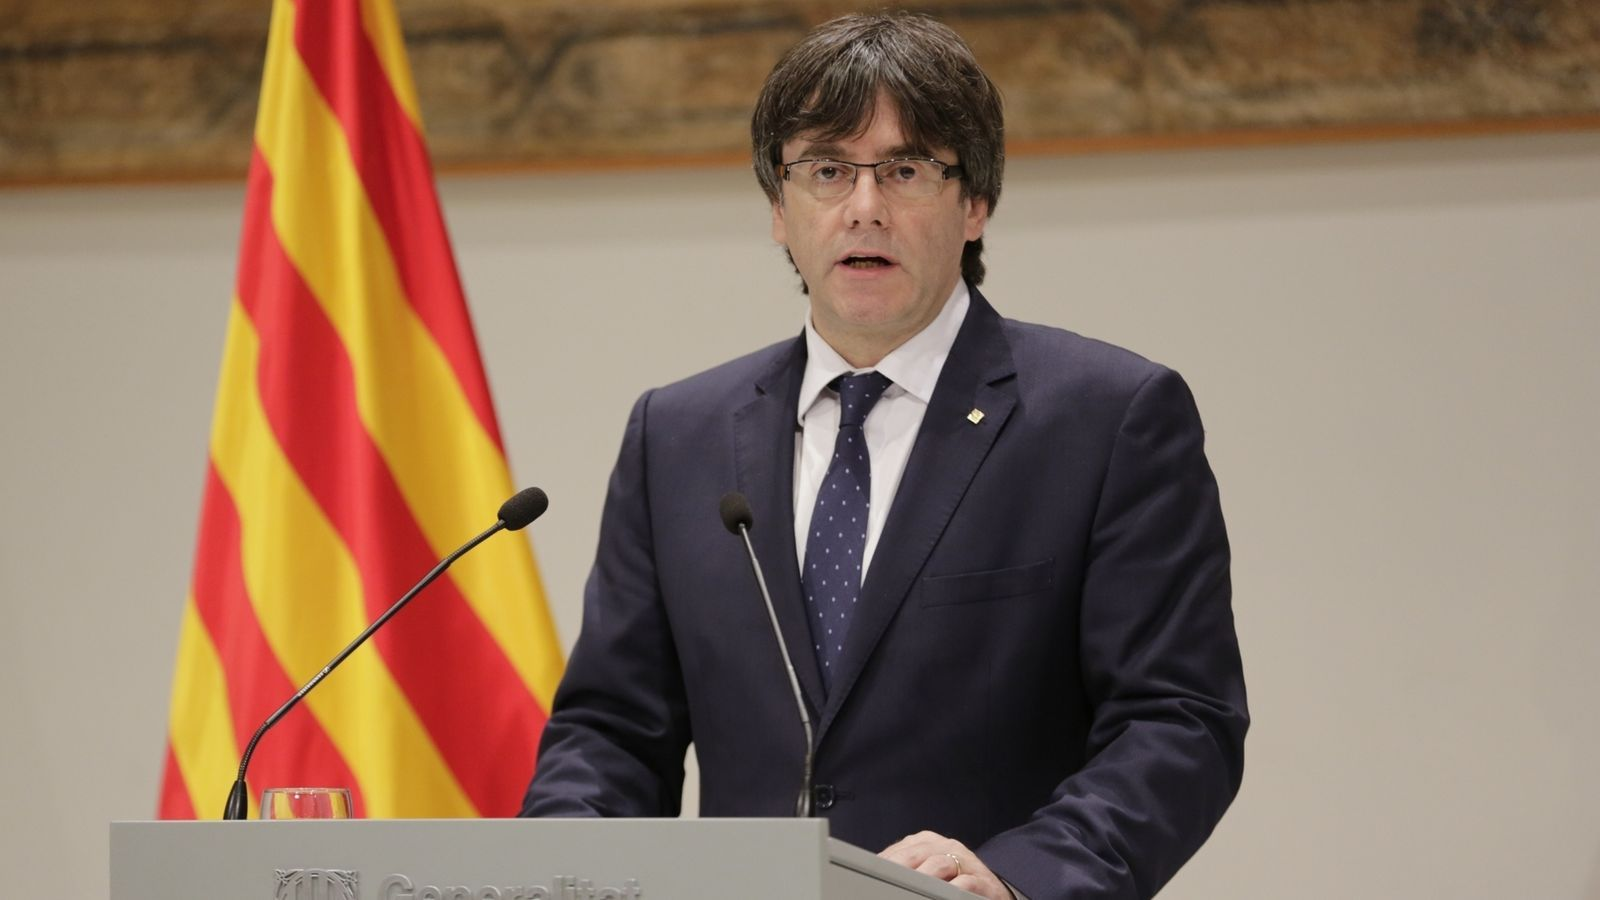 El president de la Generalitat, Carles Puigdemont, en una imatge d'arxiu